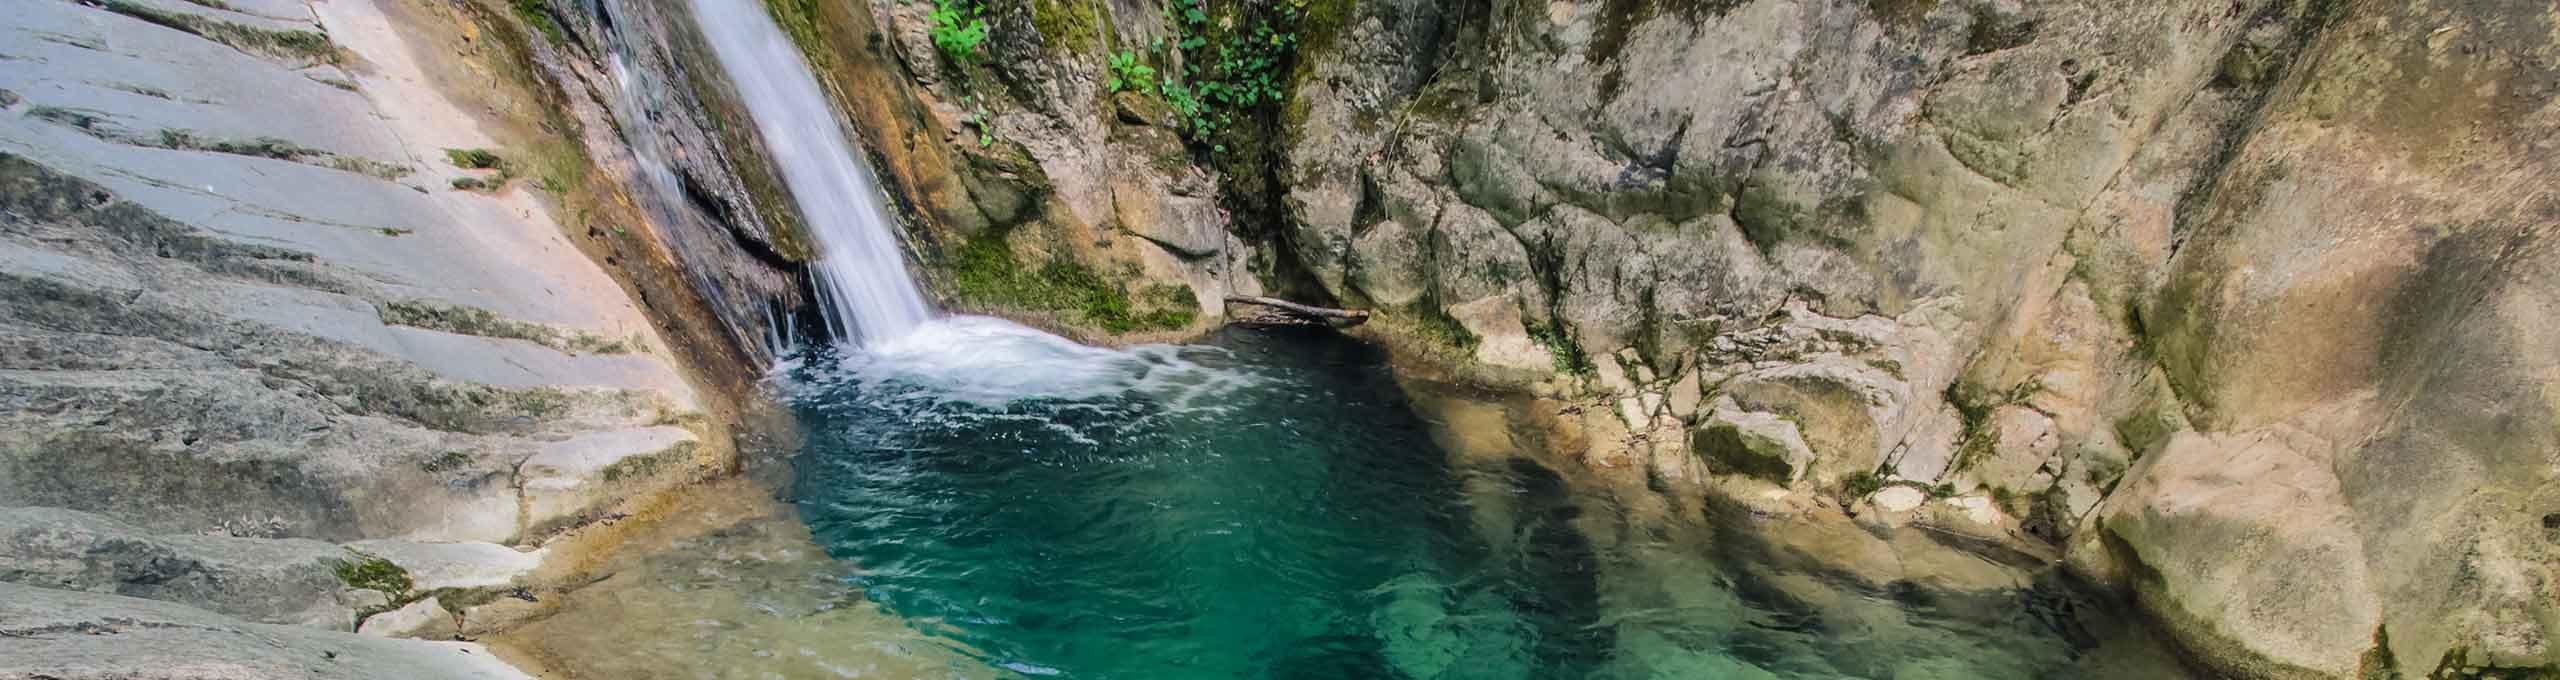 Cascata Pontaccio